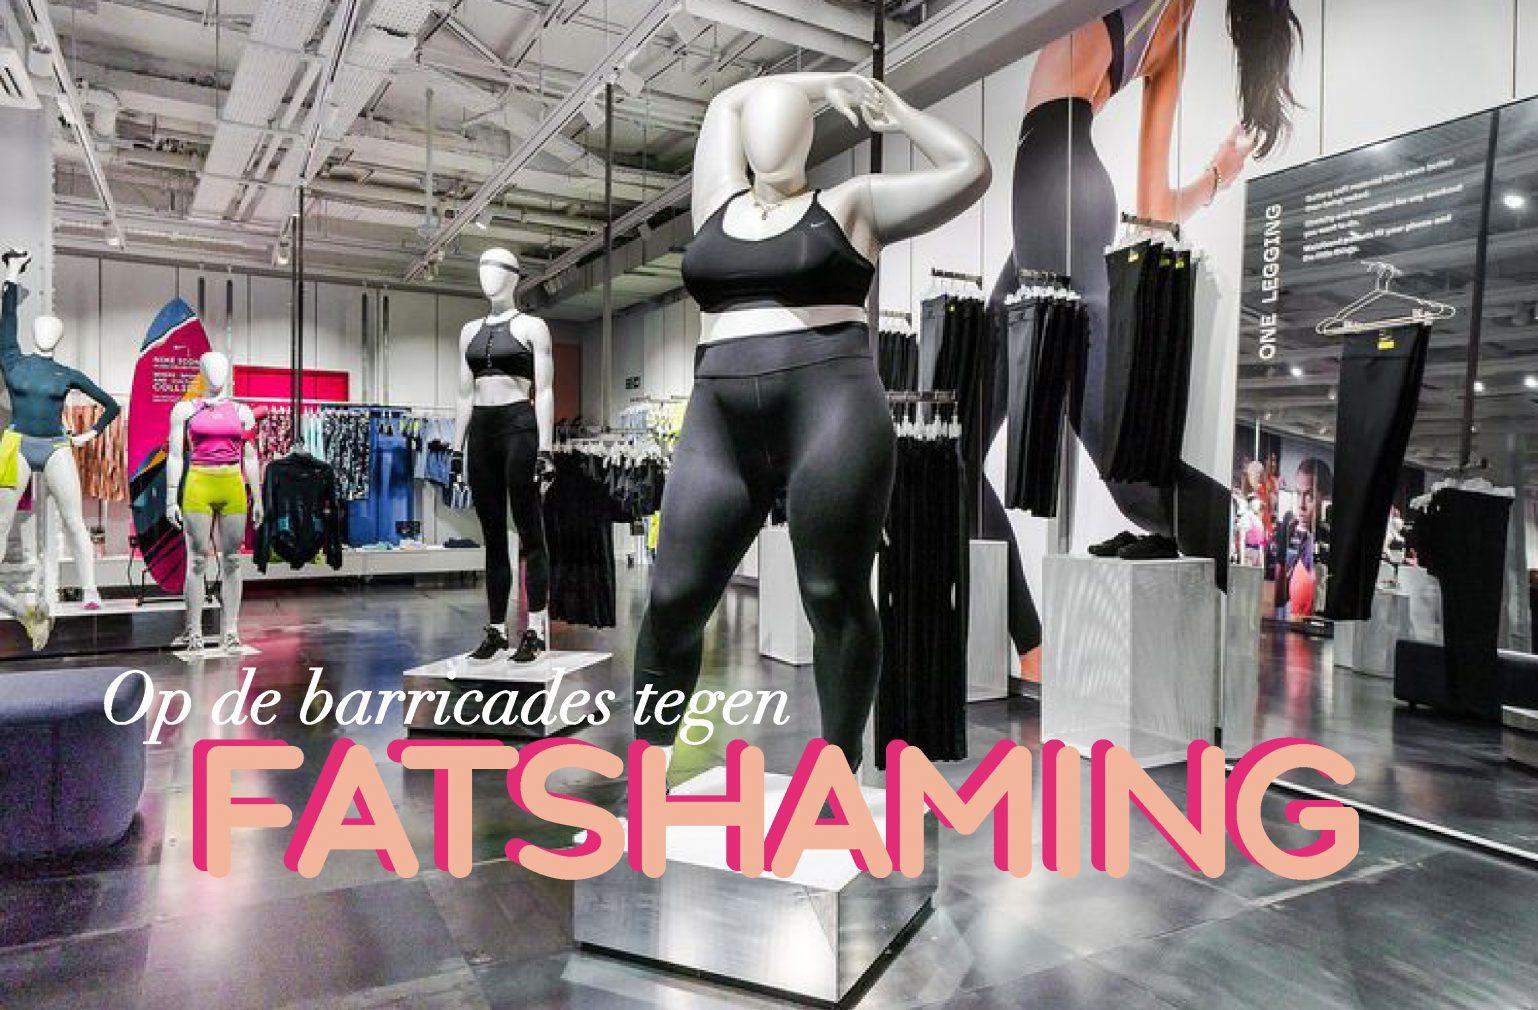 fatshaming vol magazine